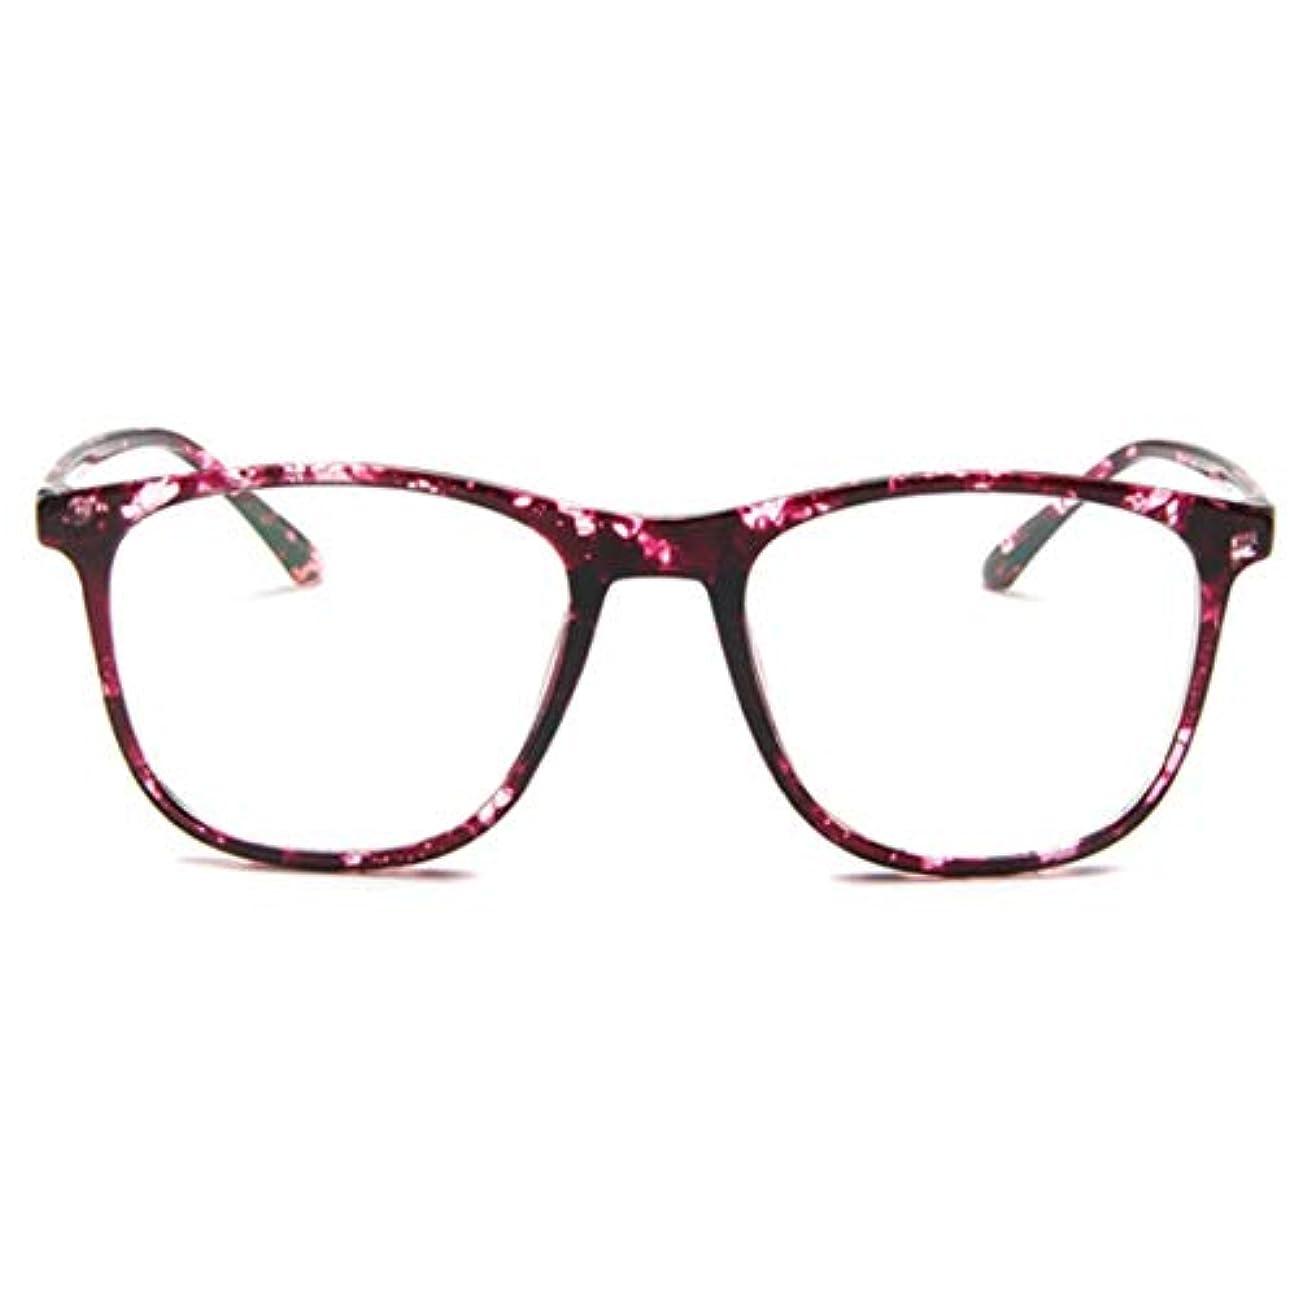 いたずらフリッパー処理韓国の学生のプレーンメガネ男性と女性のファッションメガネフレーム近視メガネフレームファッショナブルなシンプルなメガネ-パープル